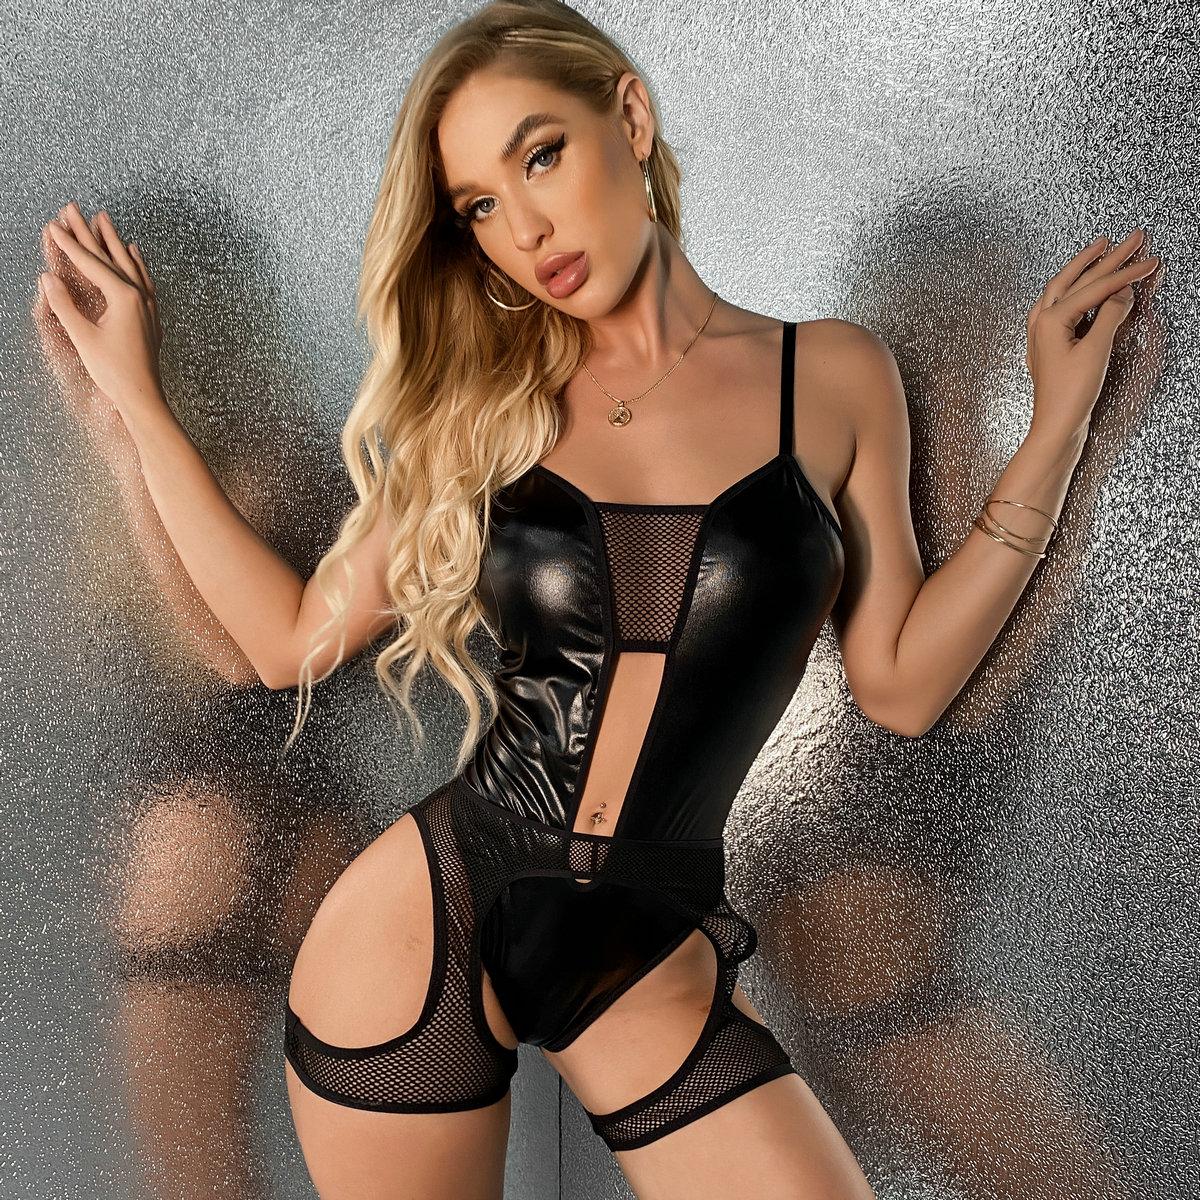 Контрастная сетка Ровный цвет Сексуальный Сексуально-женское белье